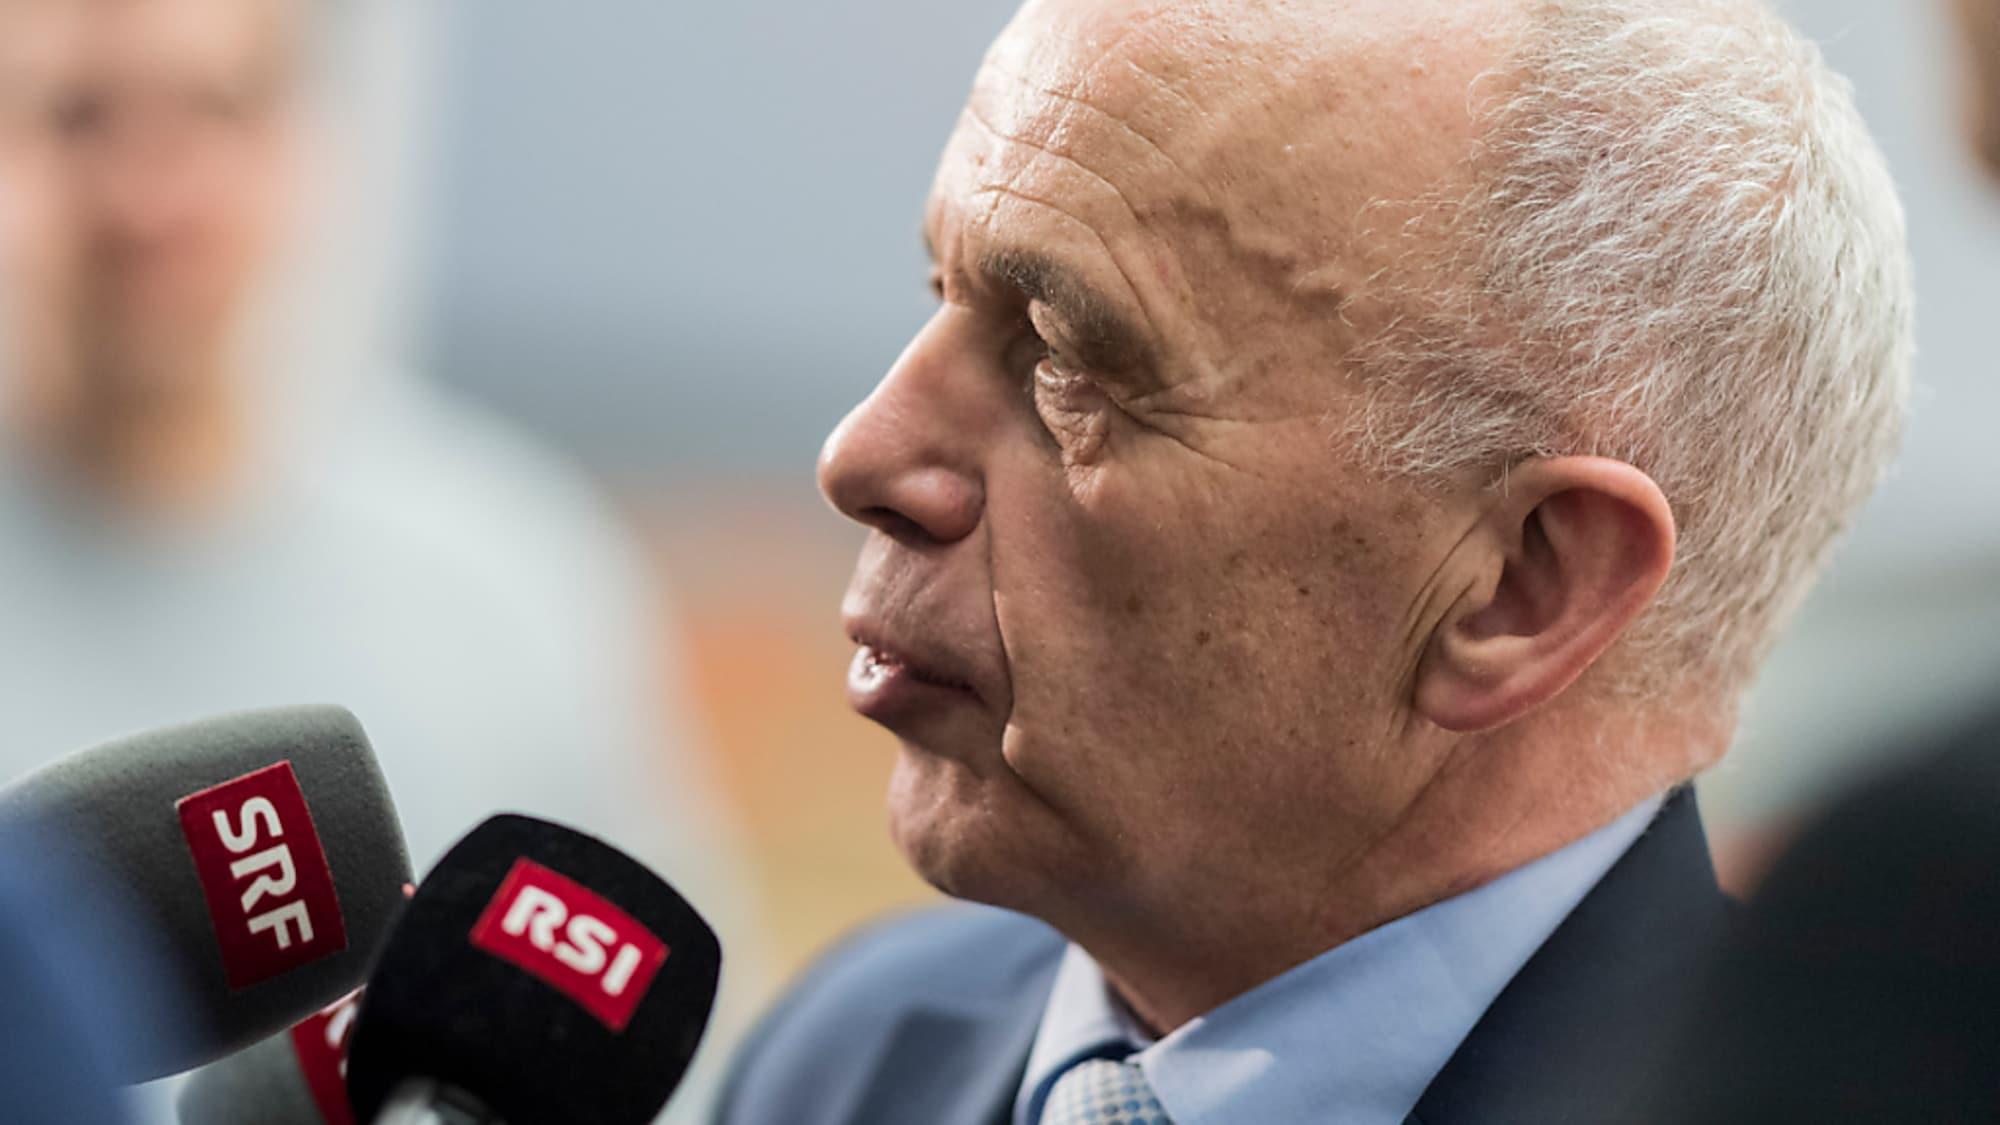 Medien: Bundespräsident Maurer kritisiert Medien: «Gibt keine Tiefe mehr»